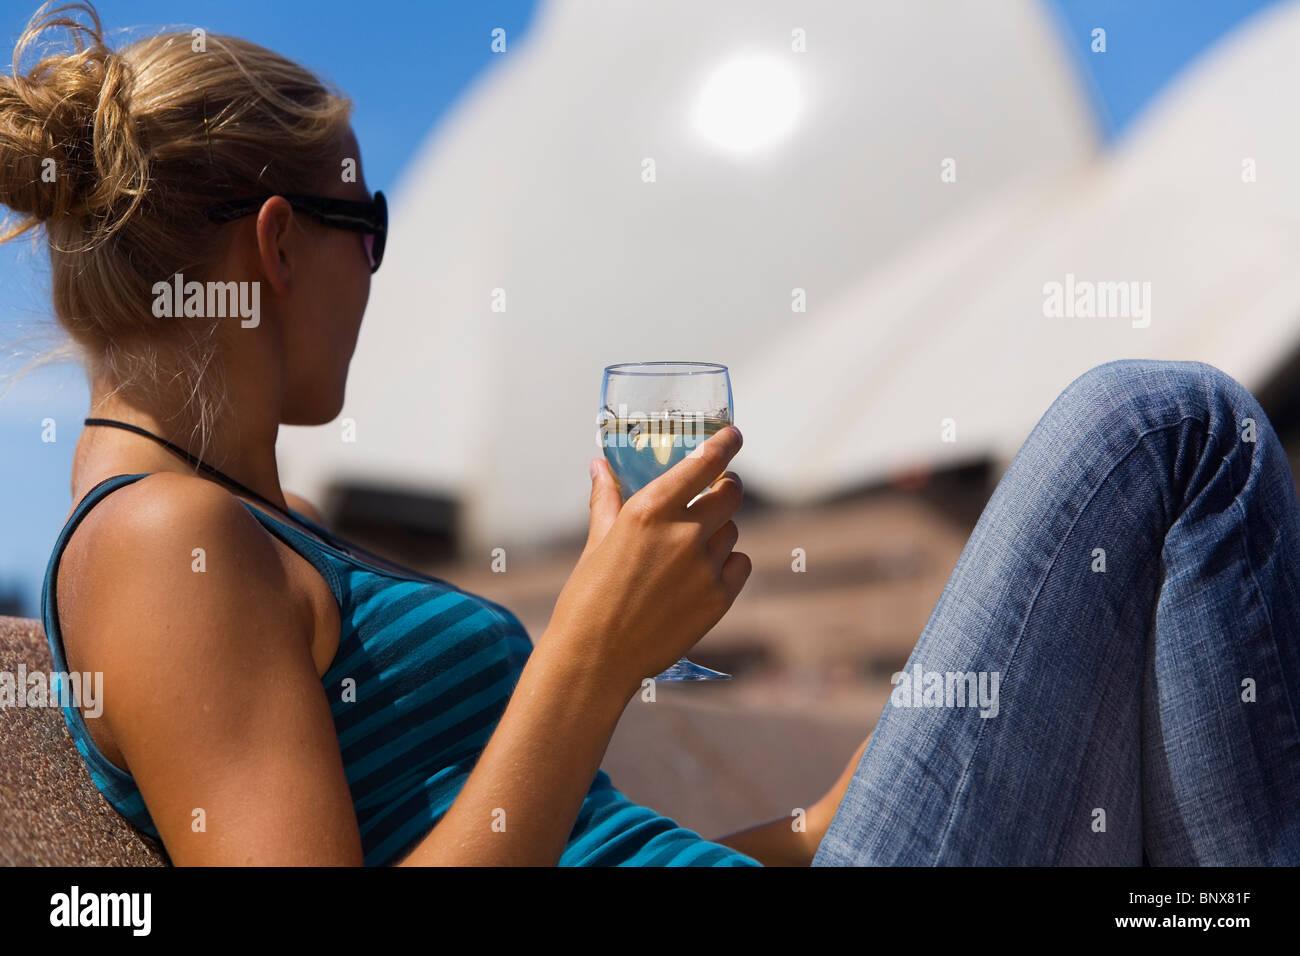 Eine Frau genießt ein Glas Wein in der Opera Bar mit der Oper im Hintergrund.  Sydney, New South Wales, Australien. Stockbild